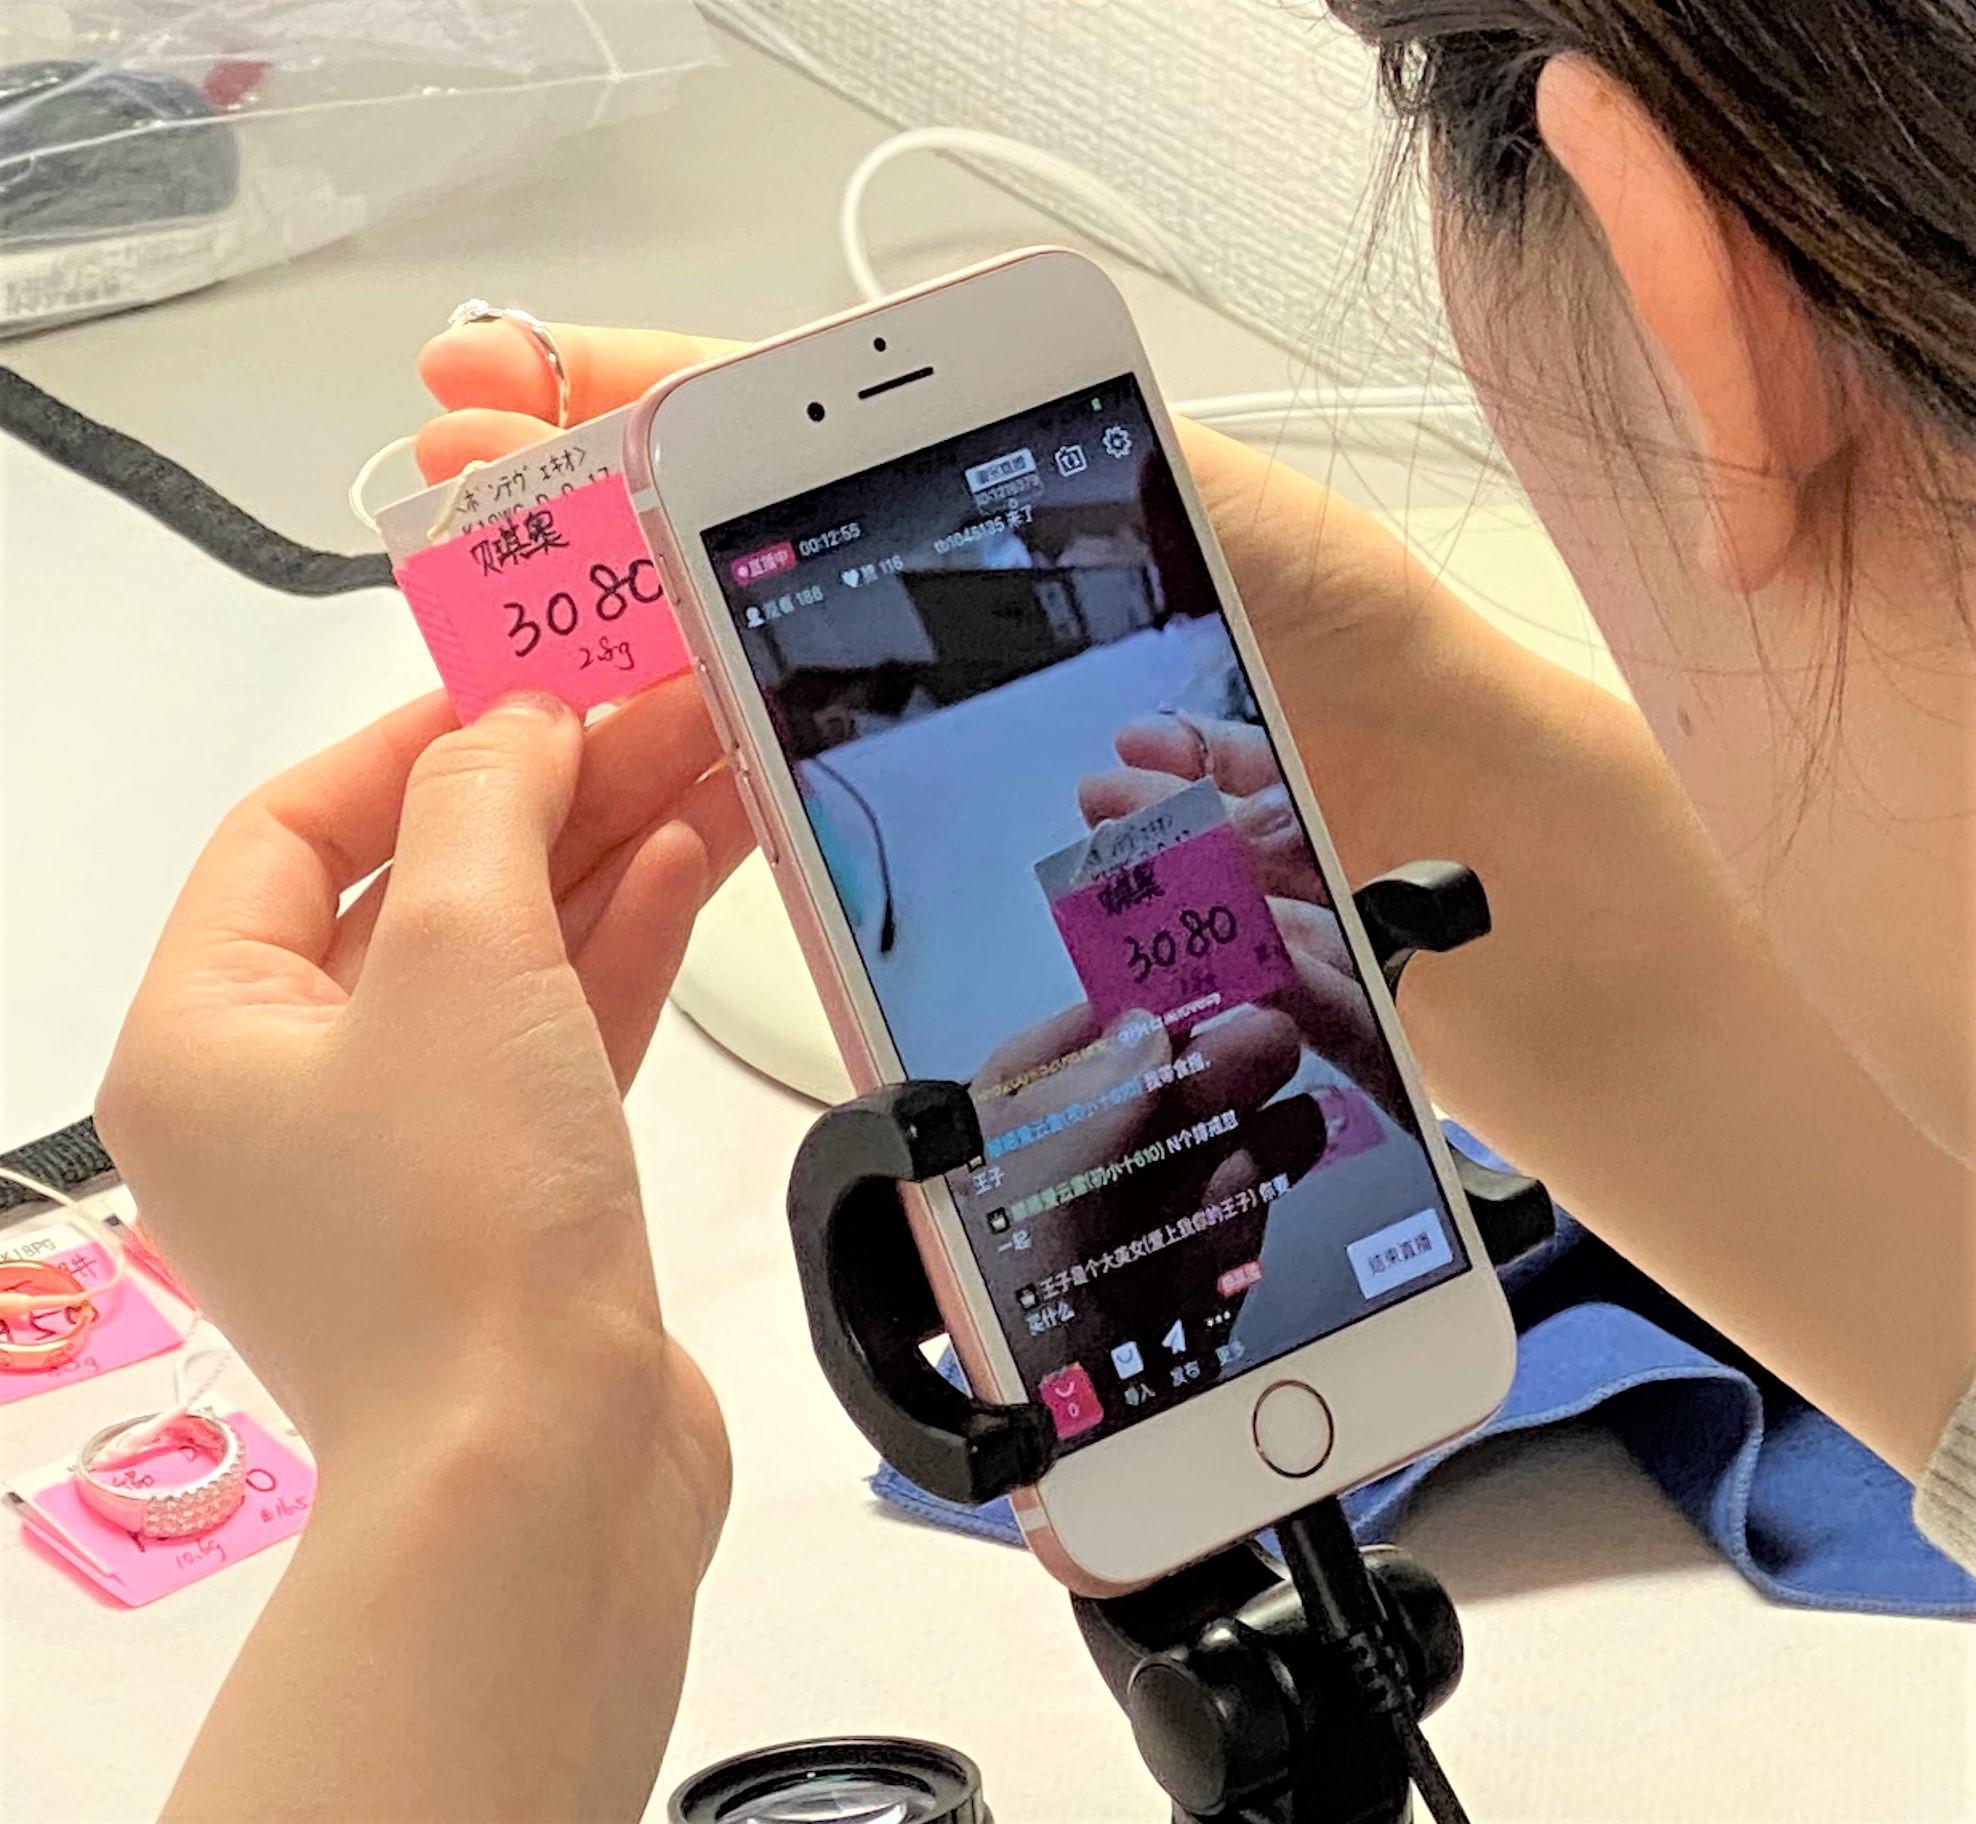 ダブル11(独身の日)中国向け中古ブランド品のライブコマース実施